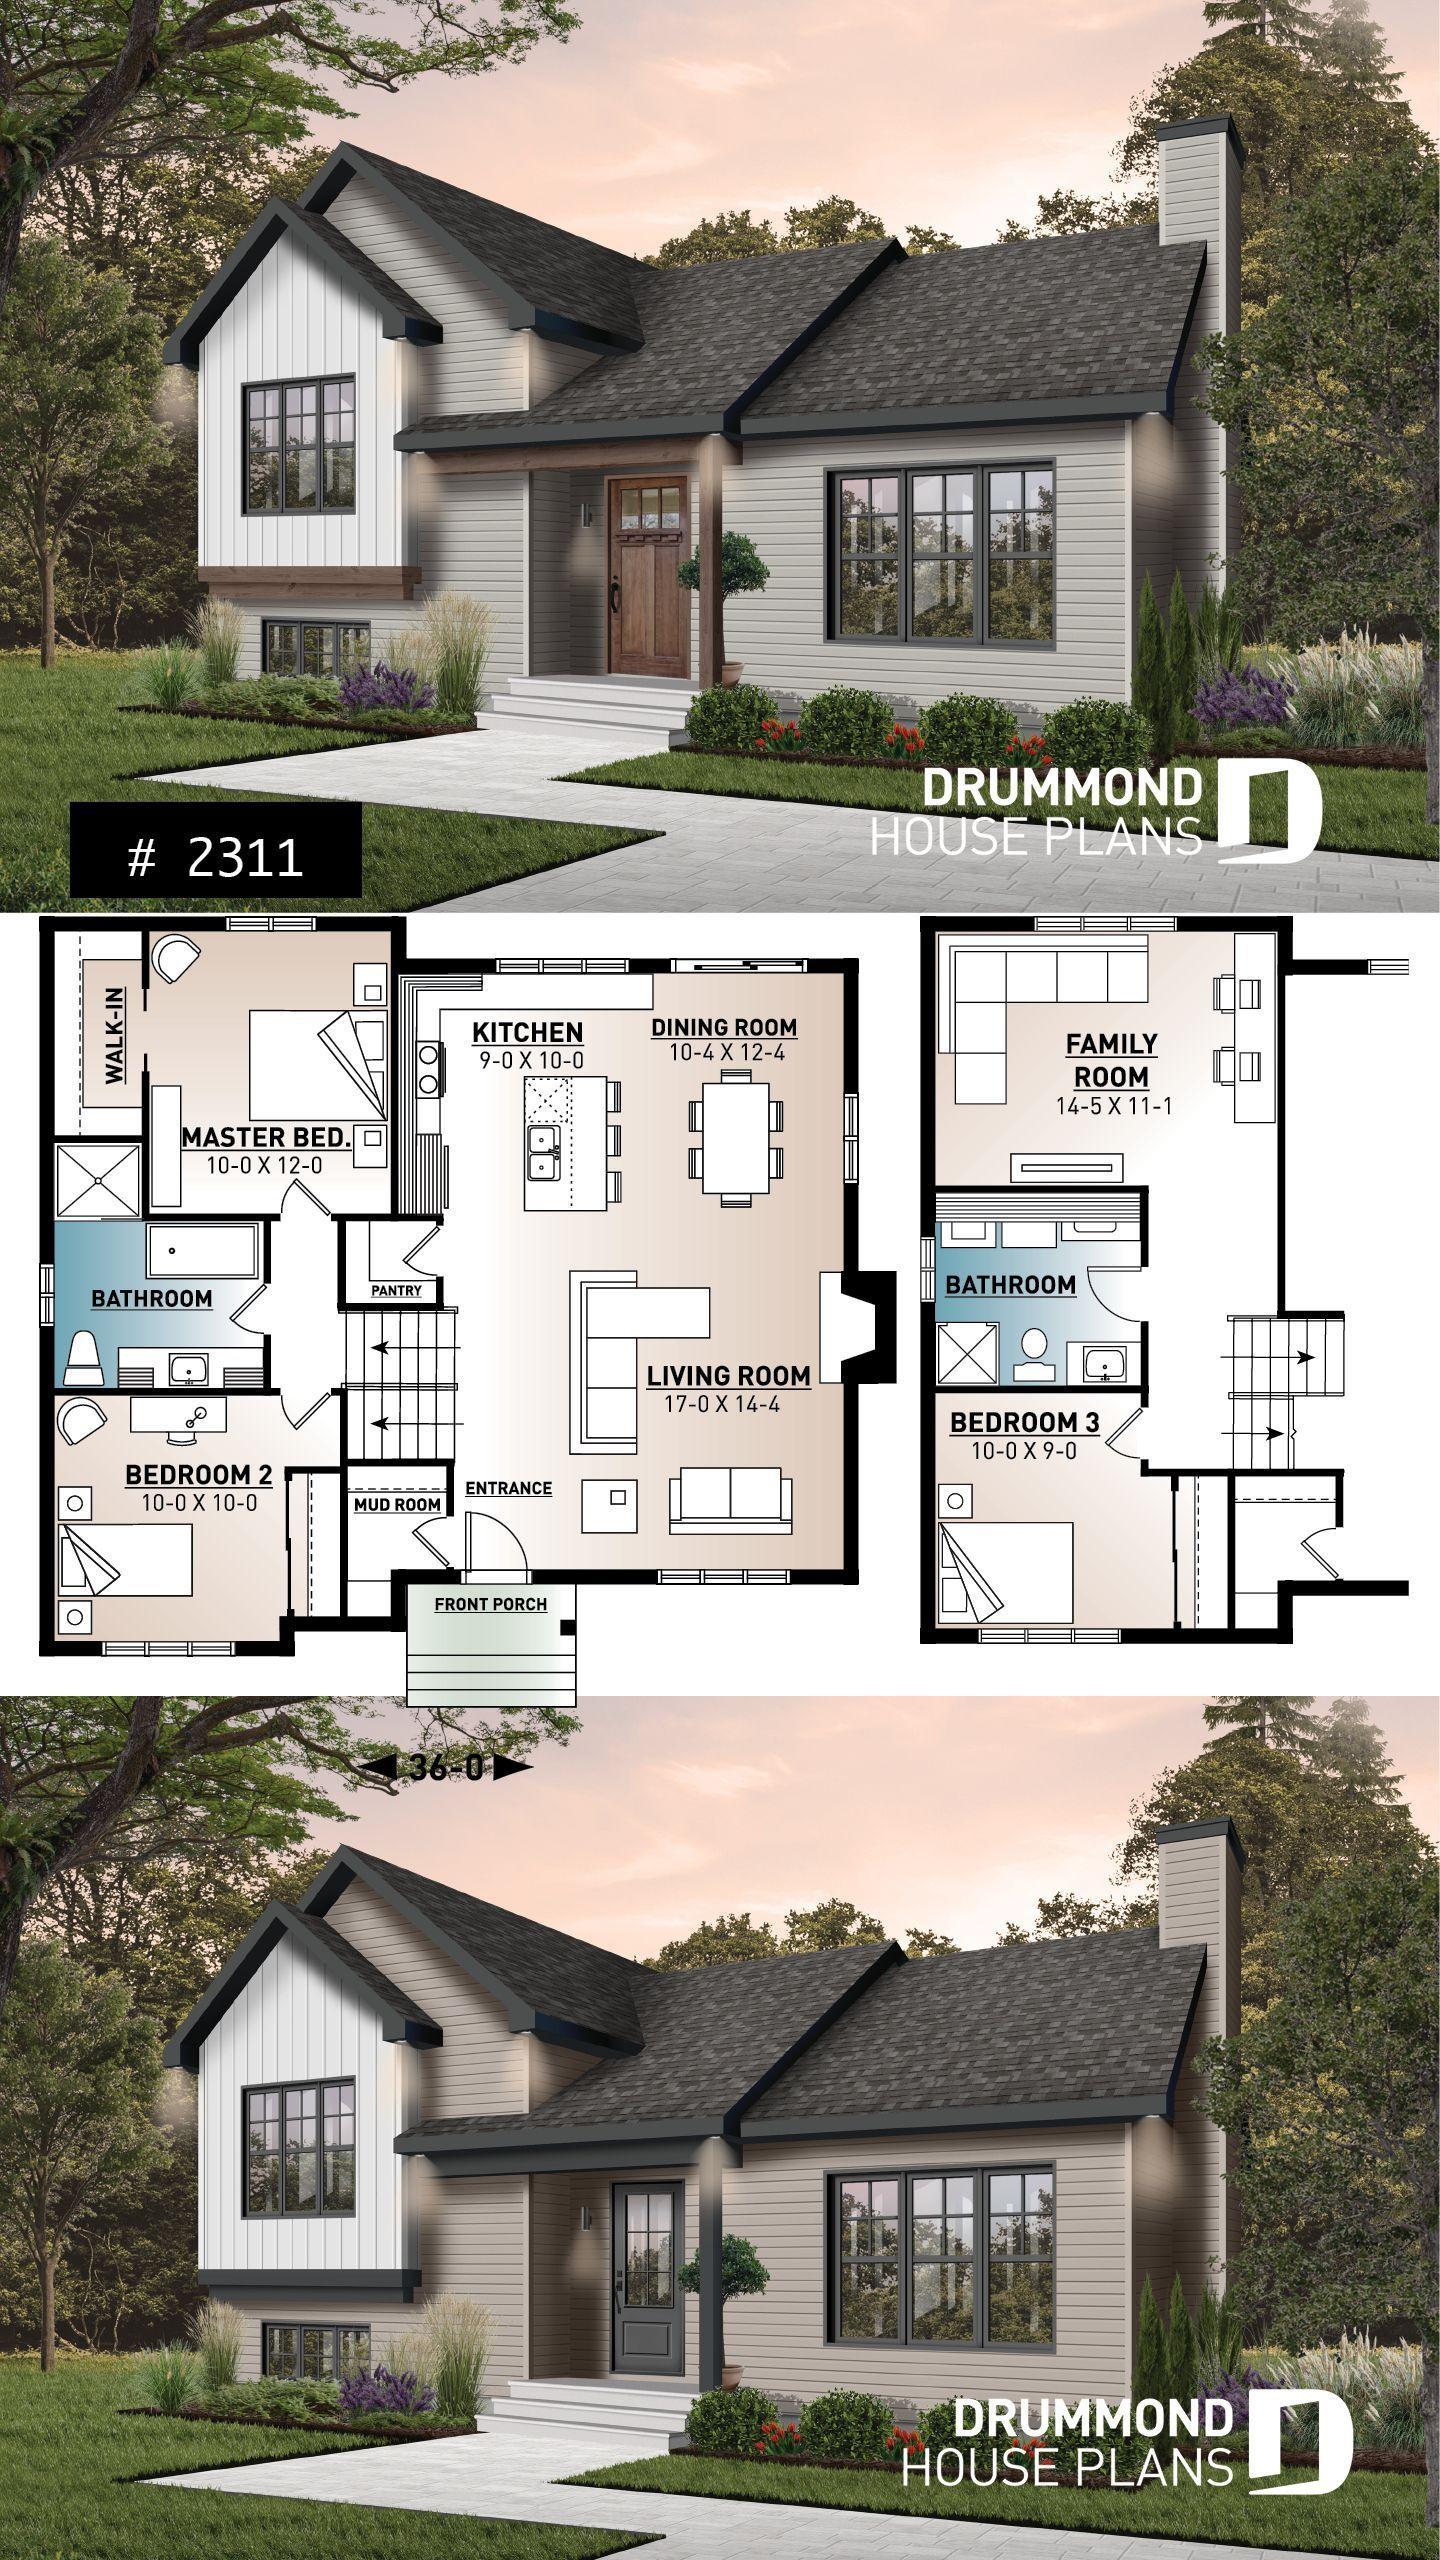 Split Level Bungalow House Plans Sims House Plans Split Level House Plans House Plans